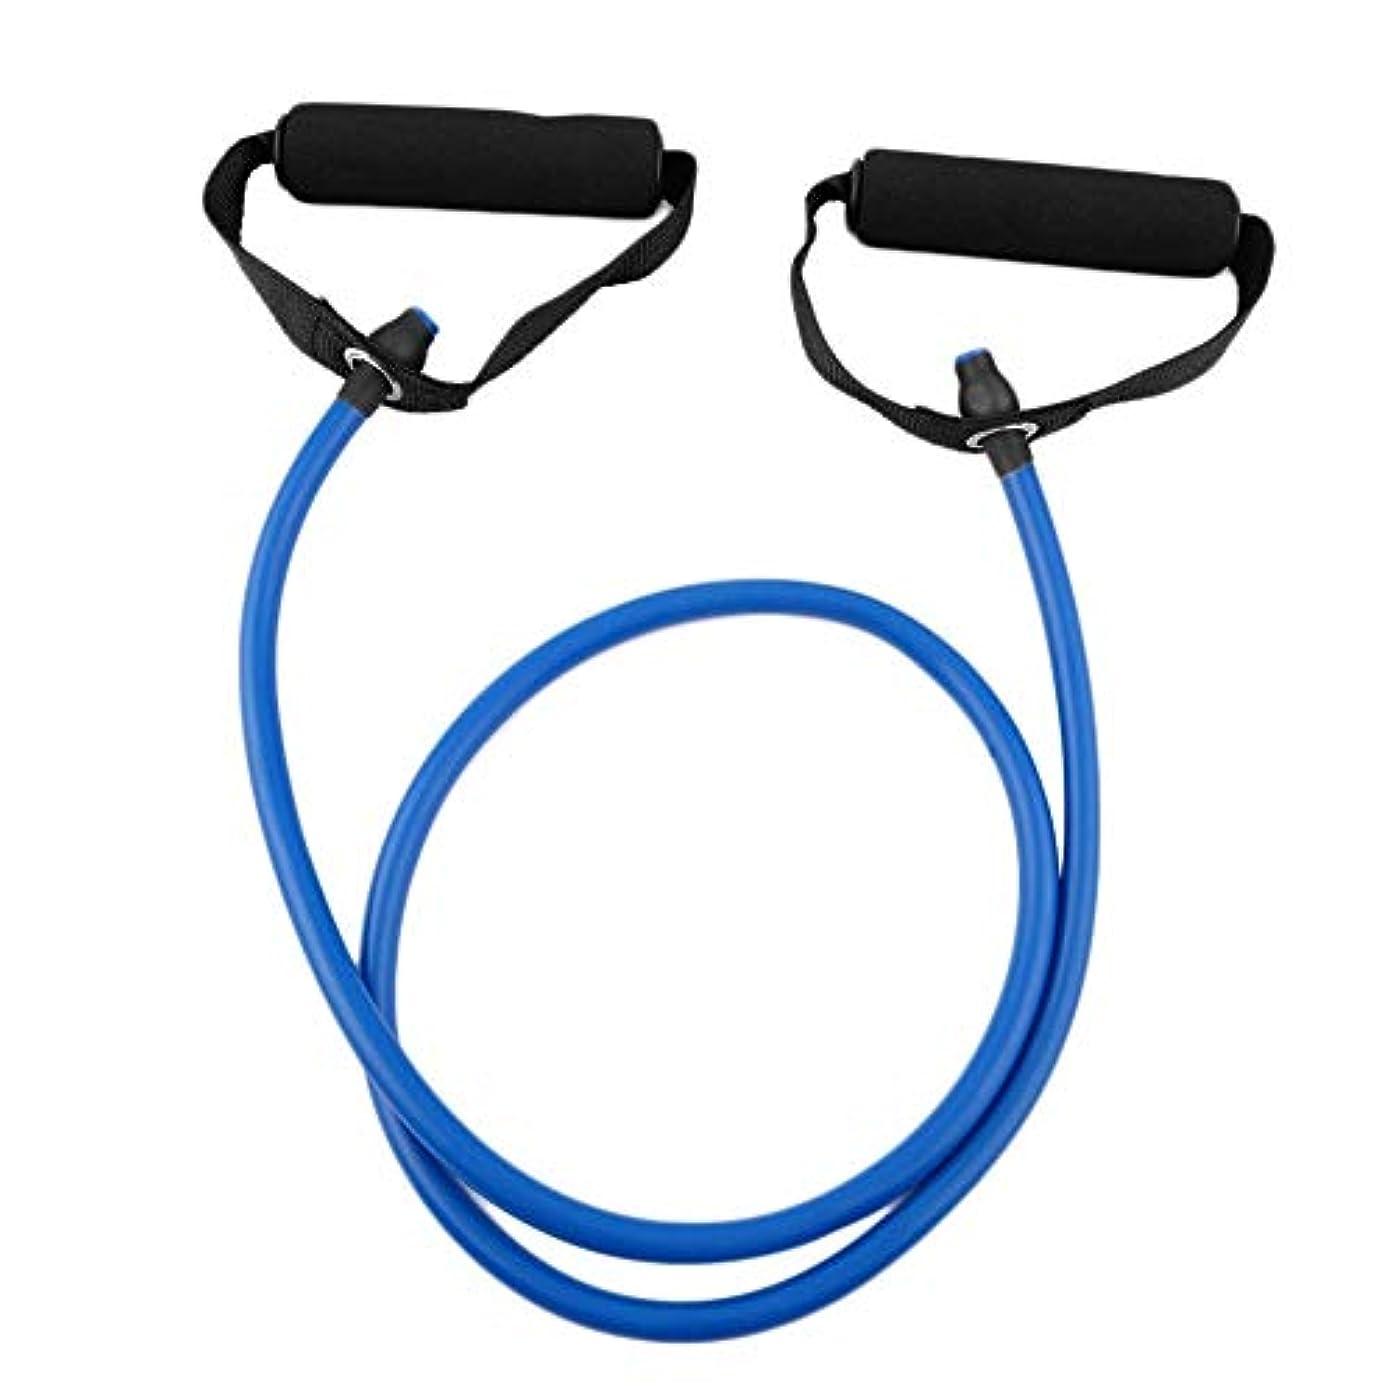 位置づける雄弁マナーフィットネス抵抗バンドロープチューブ弾性運動用ヨガピラティスワークアウトホームスポーツプルロープジムエクササイズツール(Color:blue)